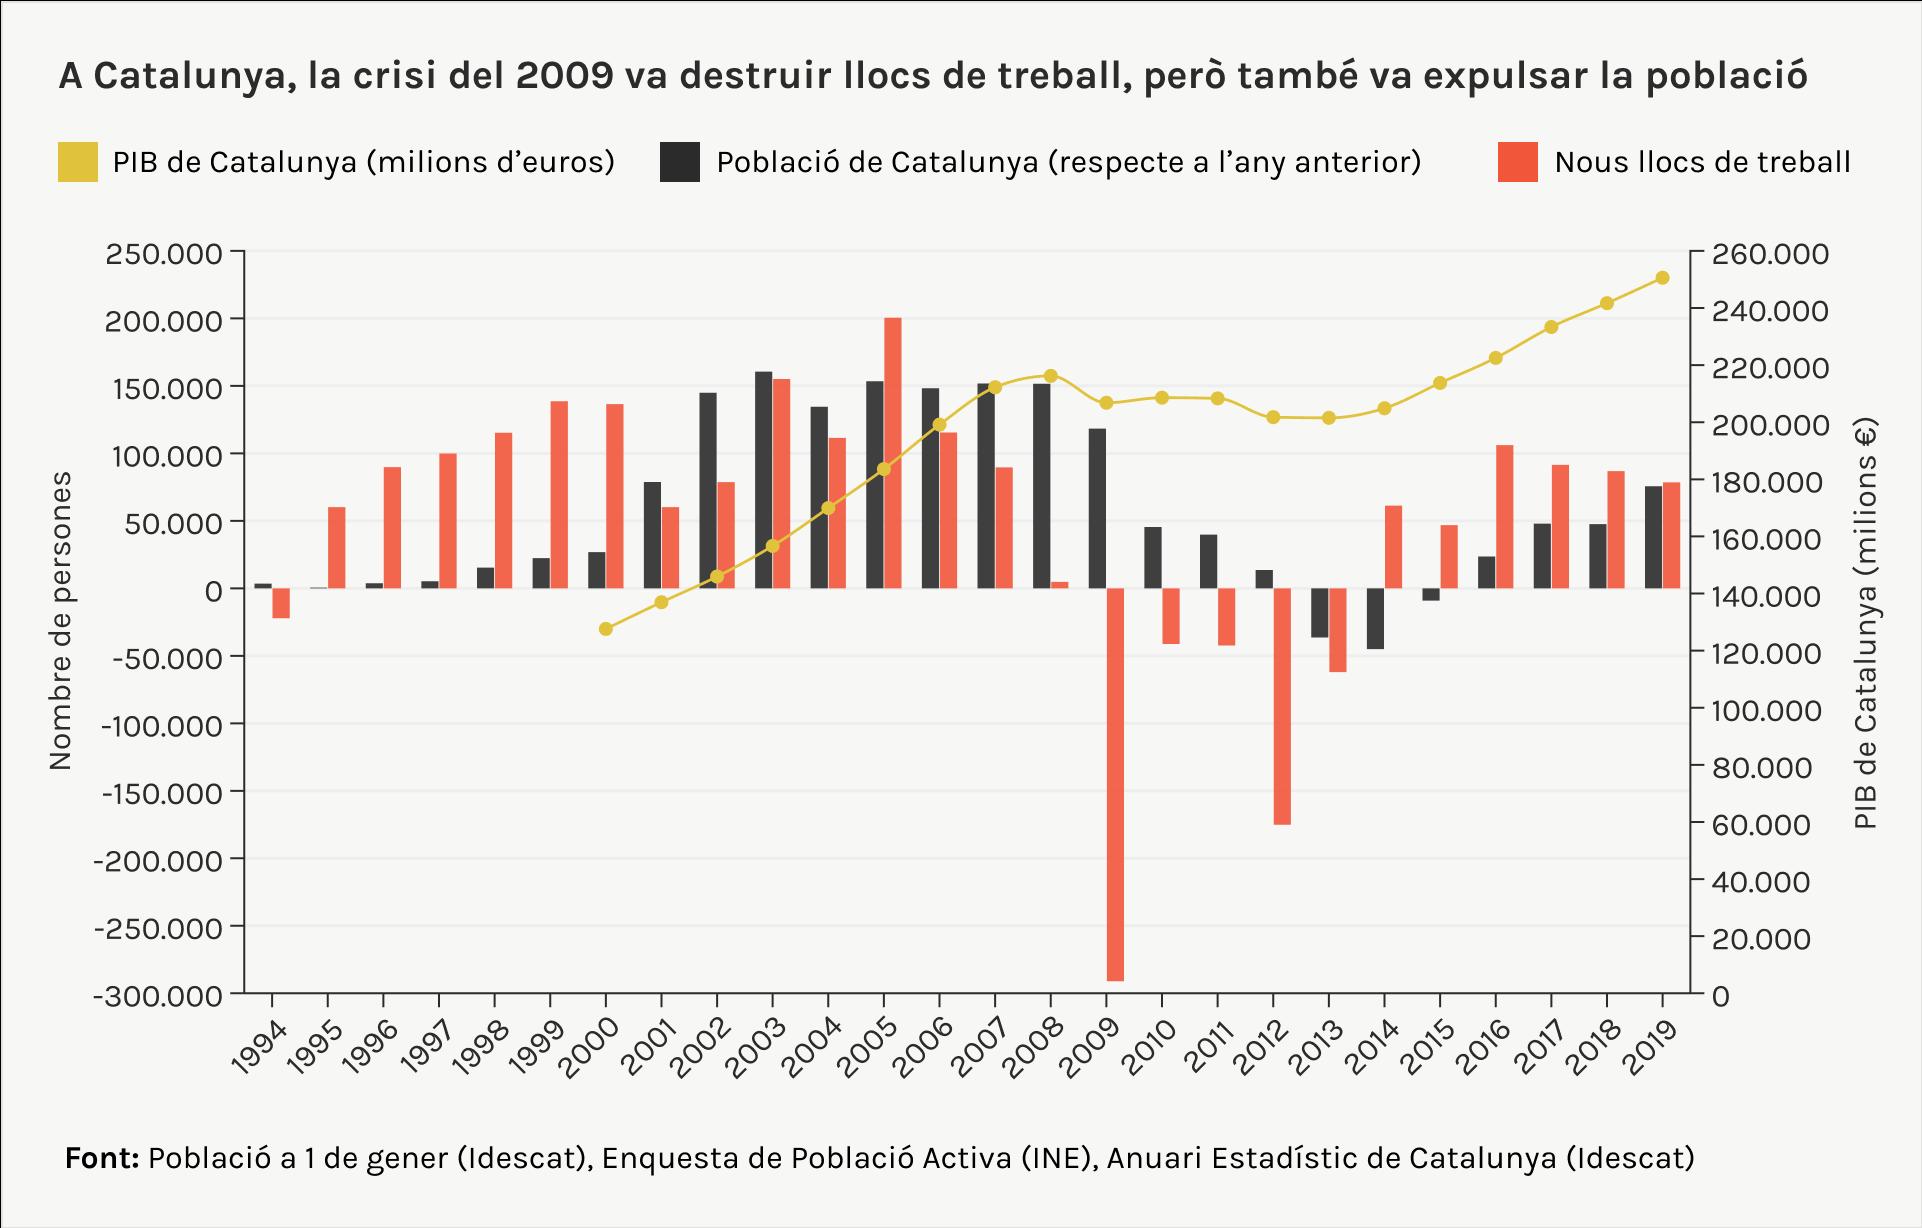 crisis del 2009 i població a Catalunya